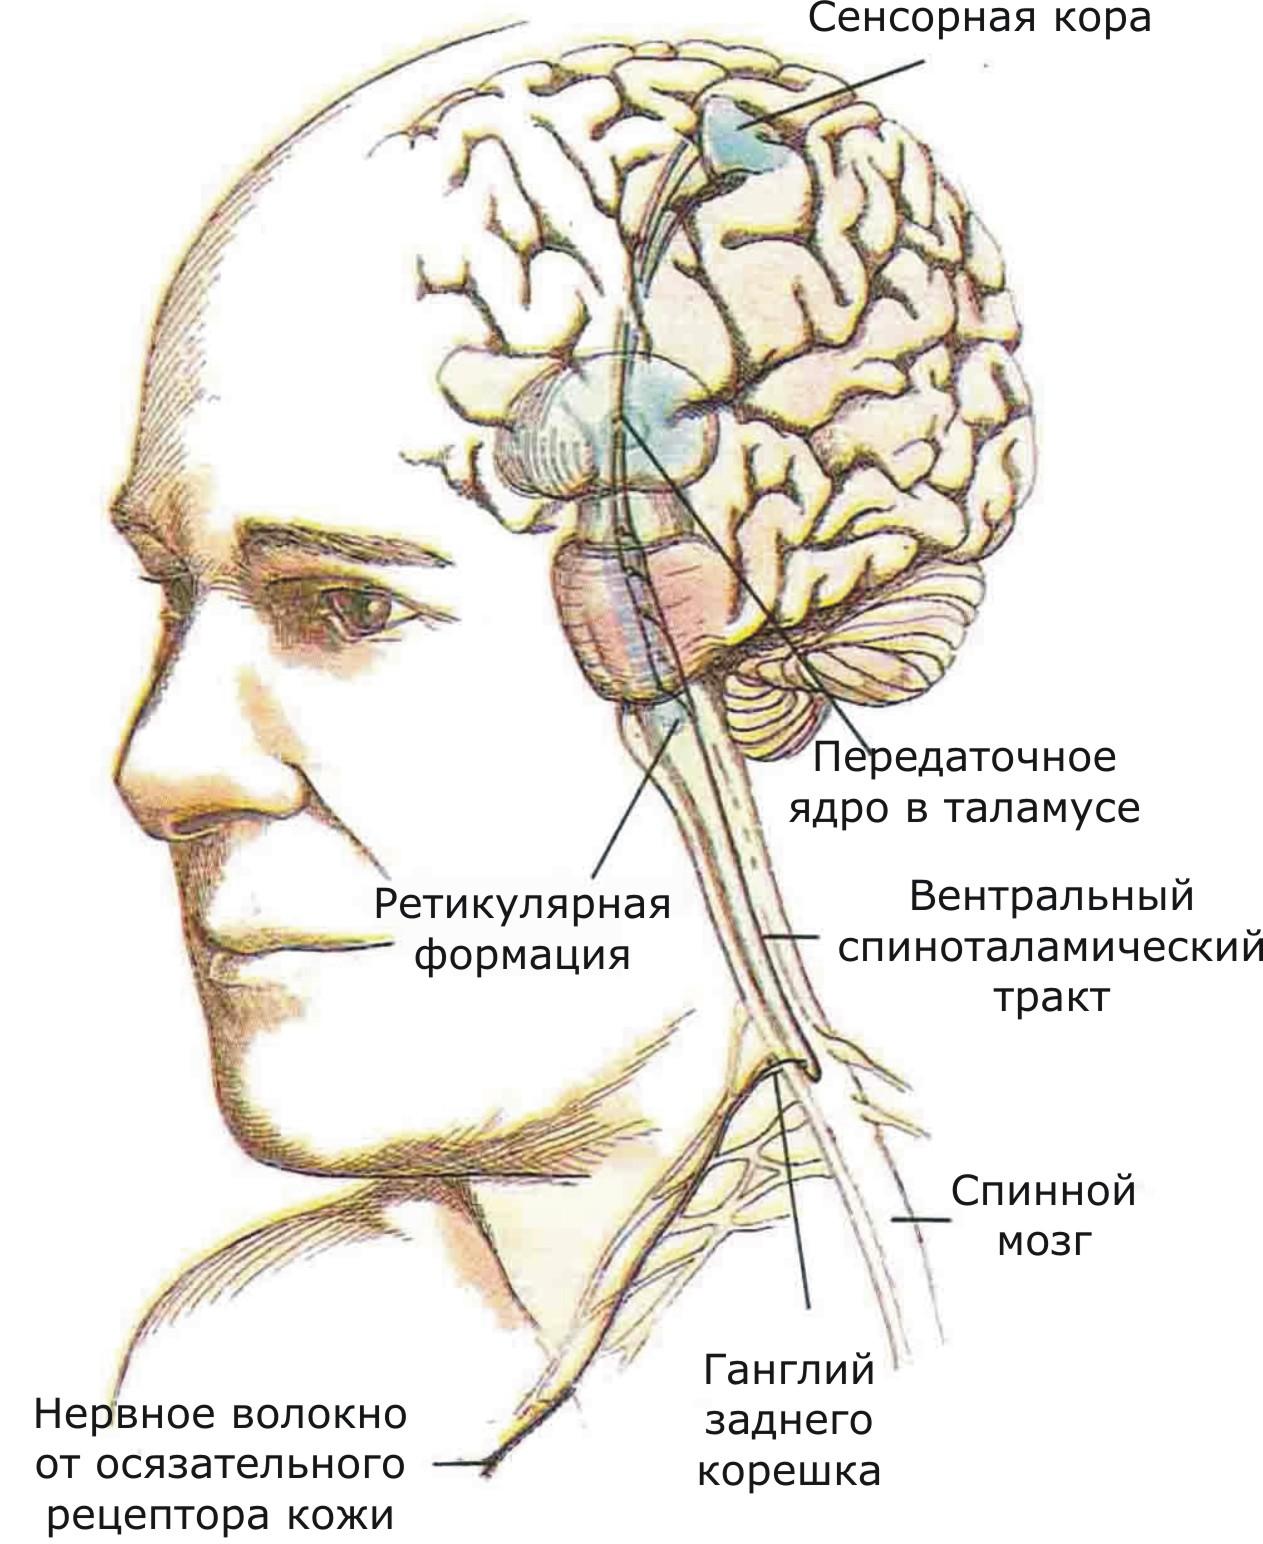 Представлены связи, идущие от кожных рецепторов через вставочные нейроны спинного мозга и таламуса к первичной сенсорной зоне коры